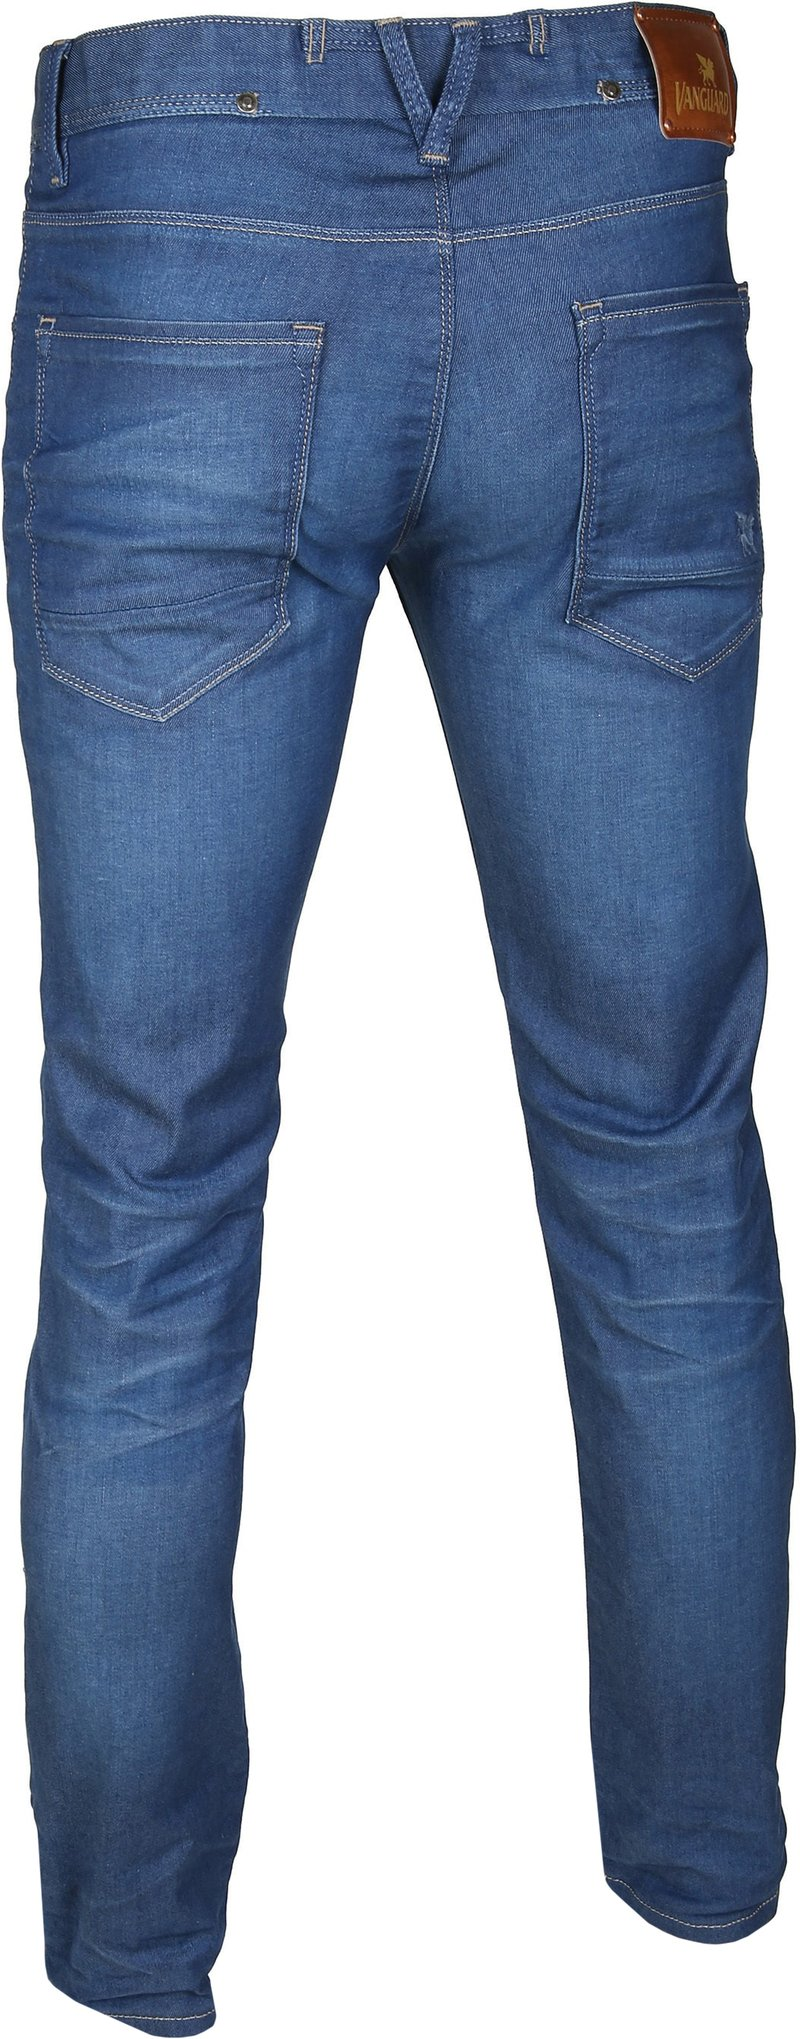 Vanguard V7 Rider Jeans photo 3